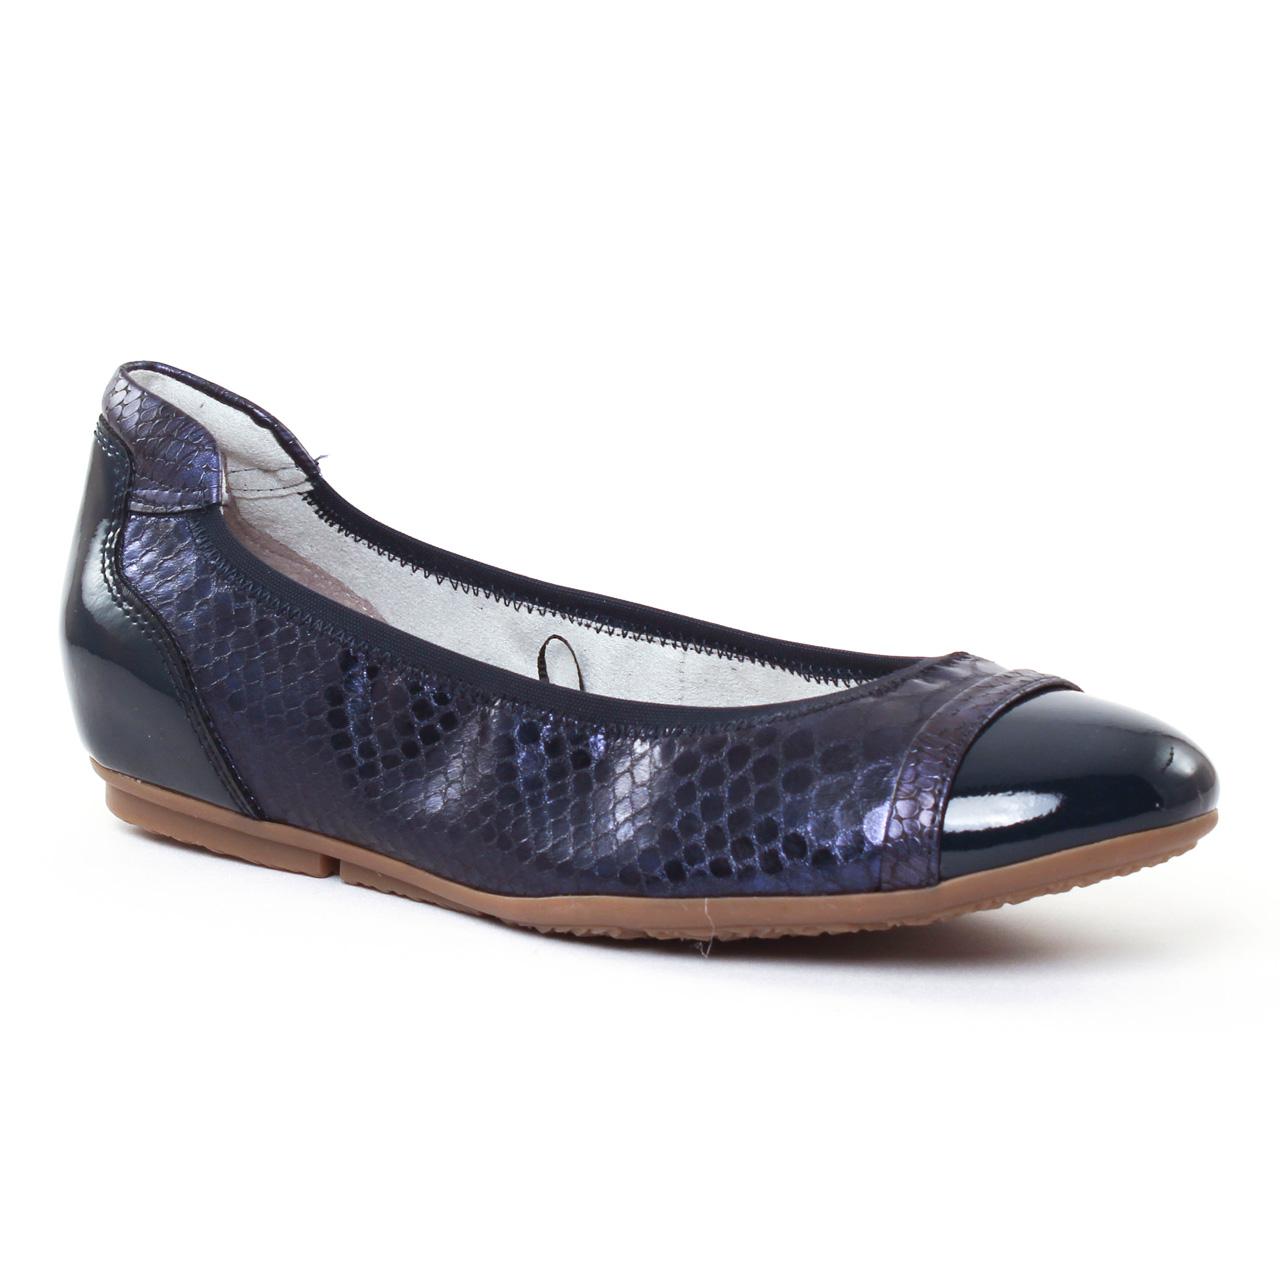 Chaussures femme été 2017 , ballerines tamaris bleu marine